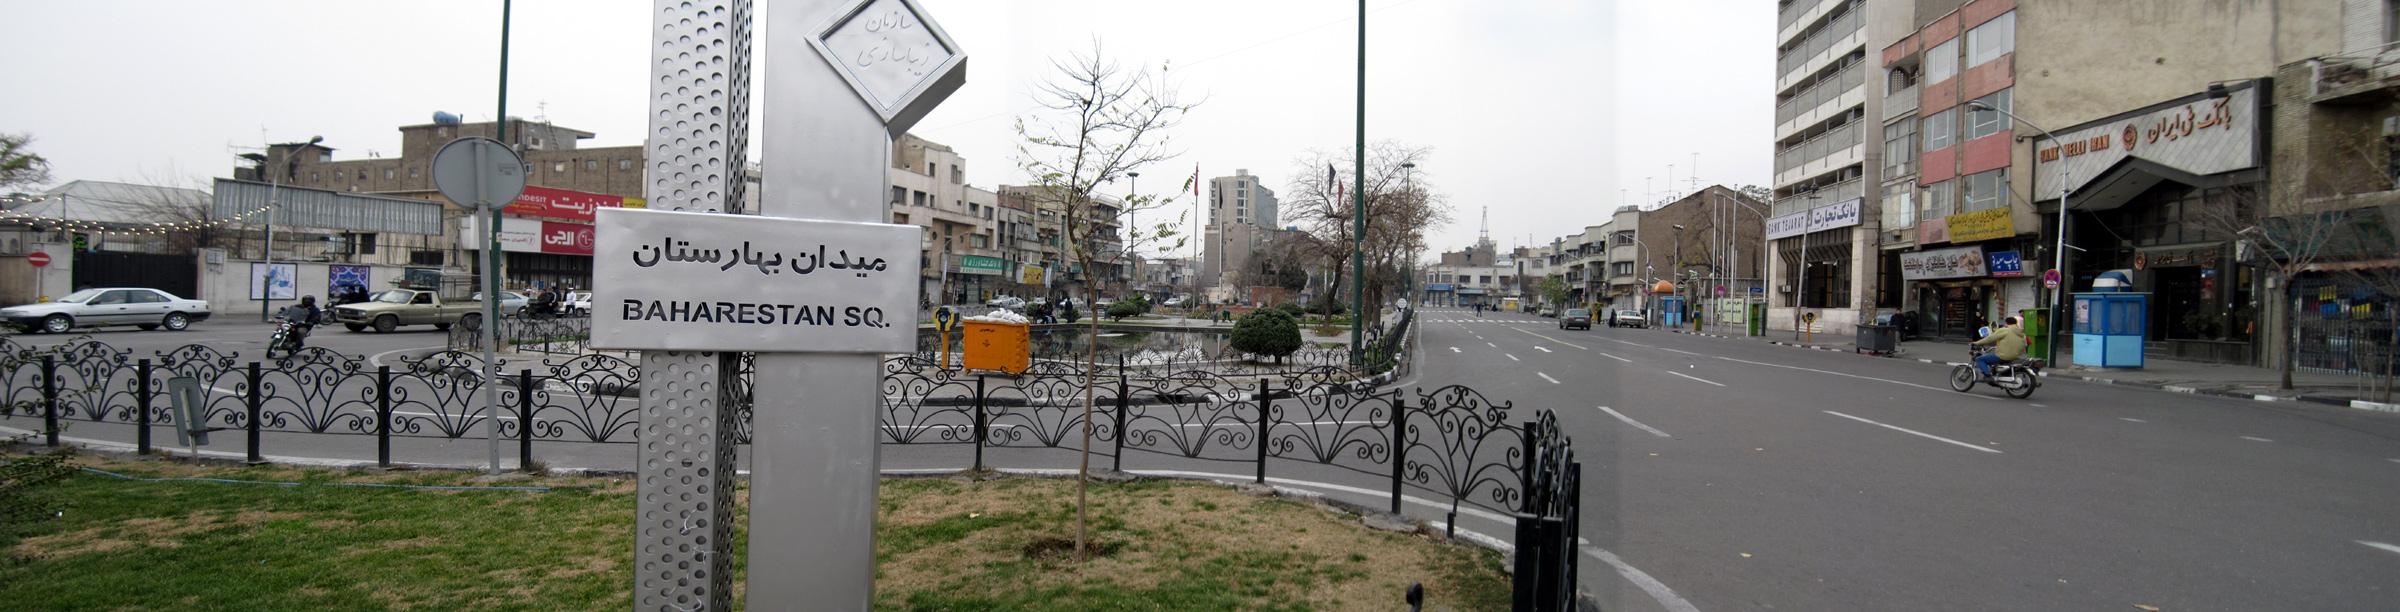 پروژه پاورپوینت تحلیل میدان بهارستان